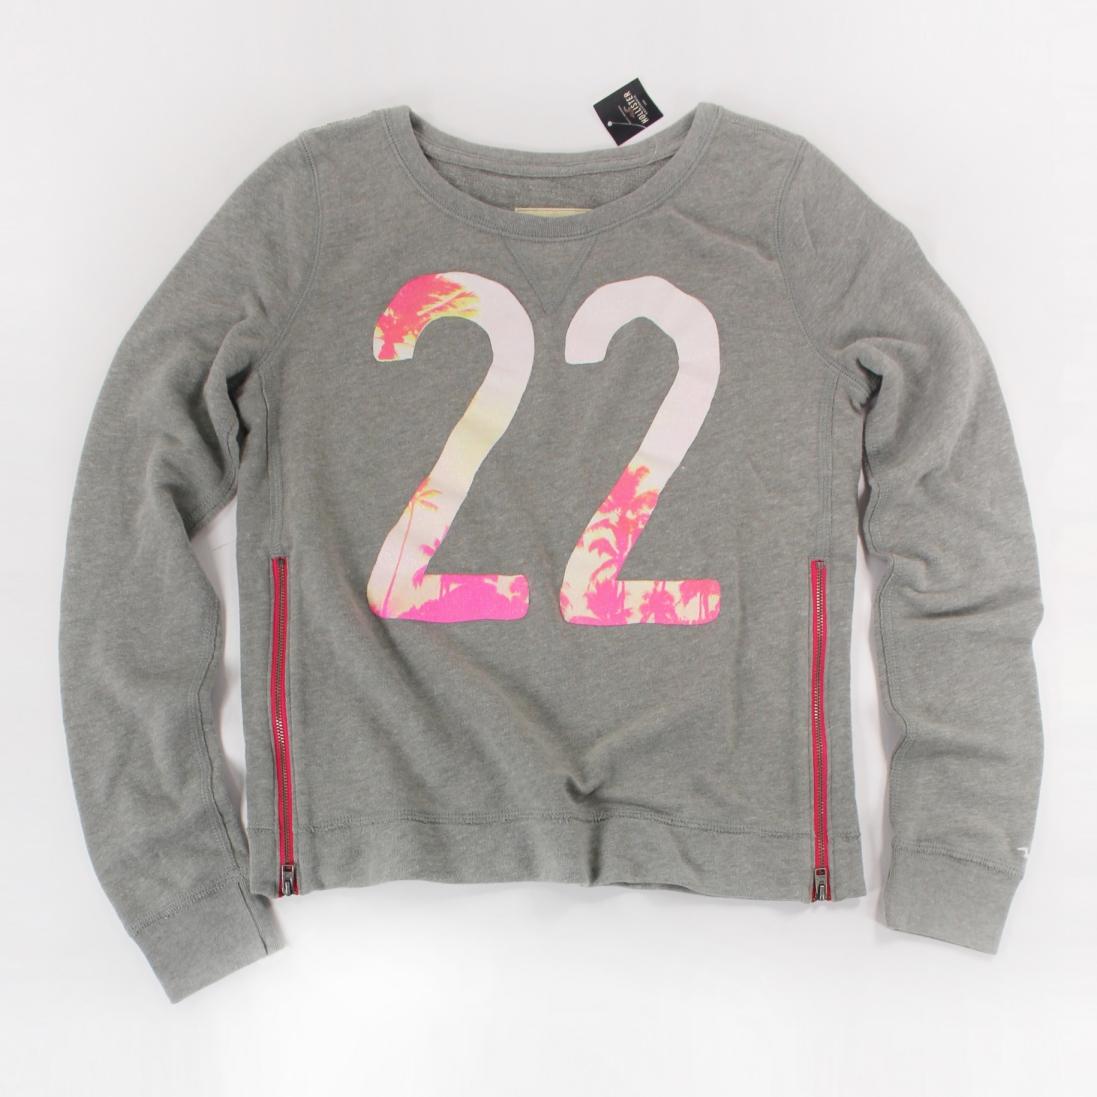 美國百分百【全新真品】Hollister Co. T恤 HCO 長袖 T-shirt 海鷗 灰色 S XS 女 E115